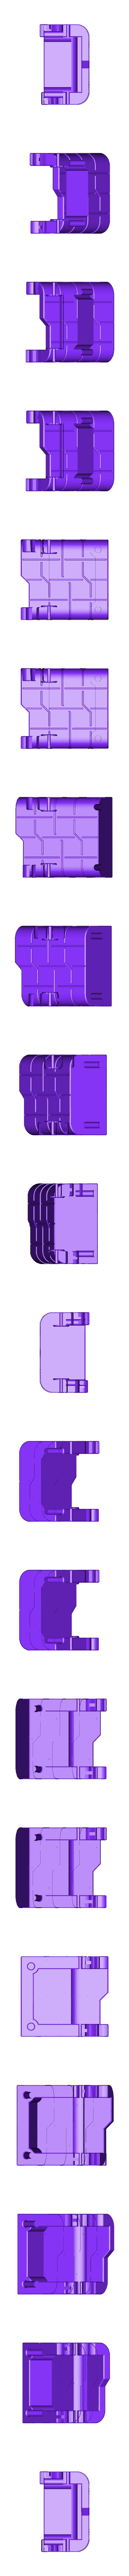 microcase_outer_KaziToad.stl Télécharger fichier STL Etuis à microprocesseur : pour les cartes micro SD et autres petits objets • Design imprimable en 3D, KaziToad